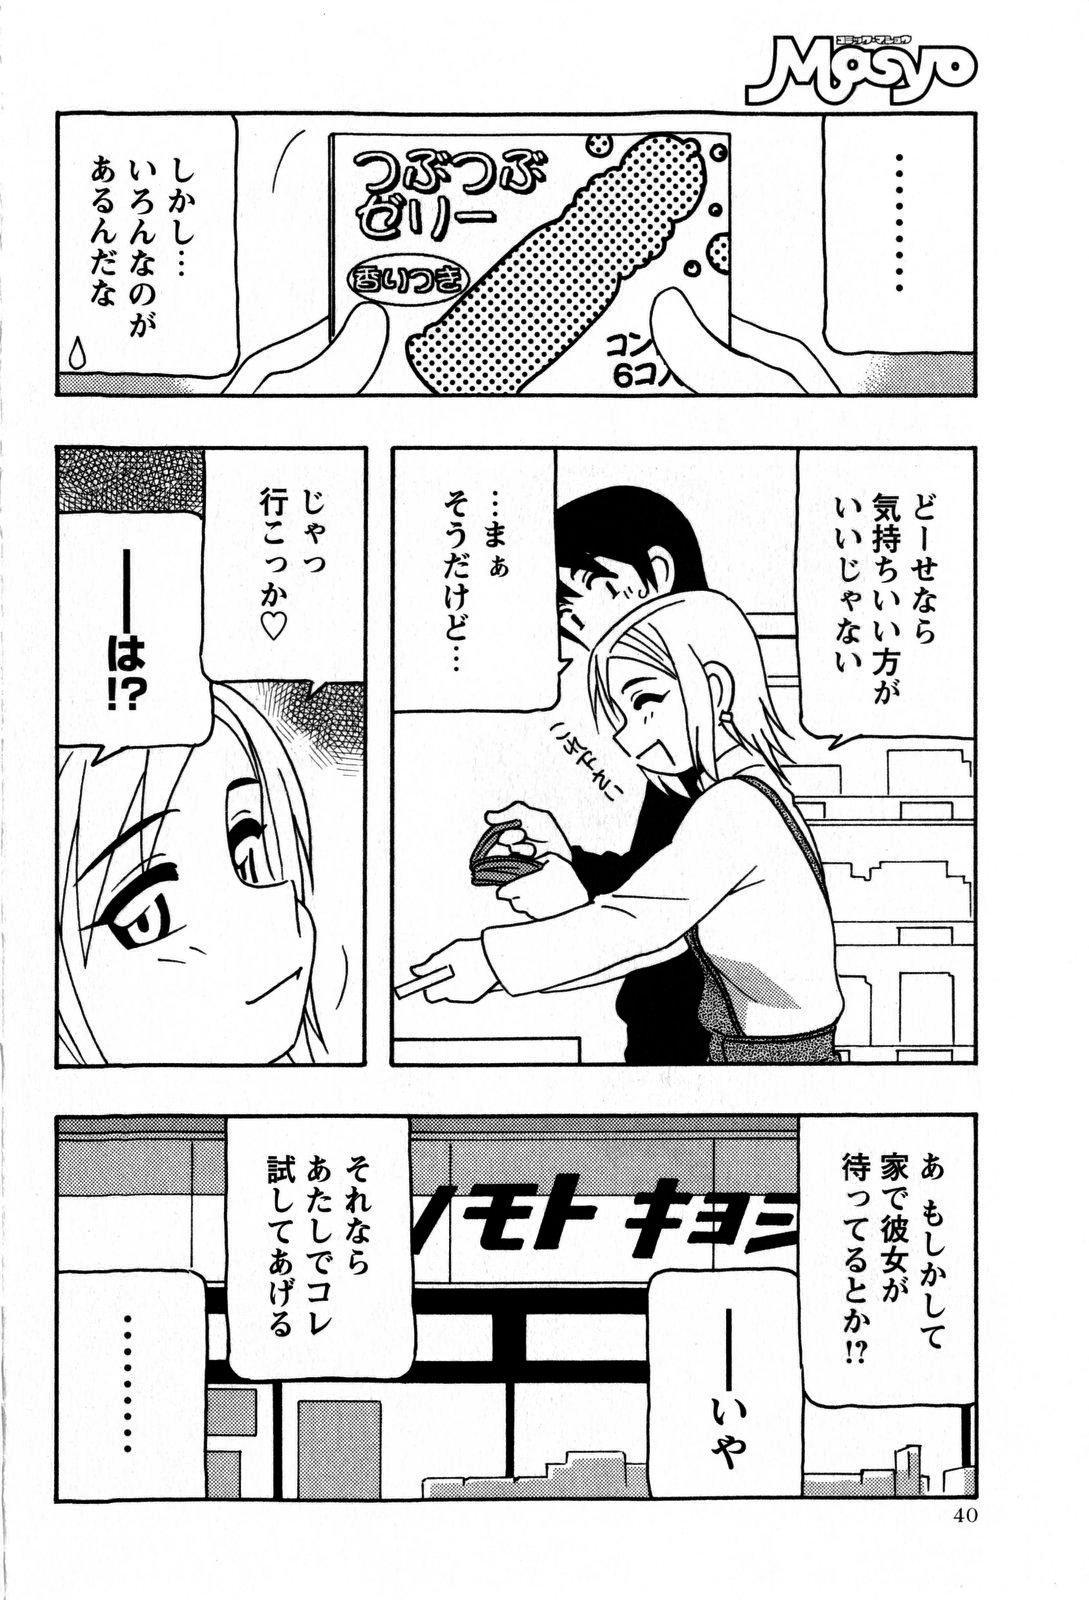 Comic Masyo 2009-06 39